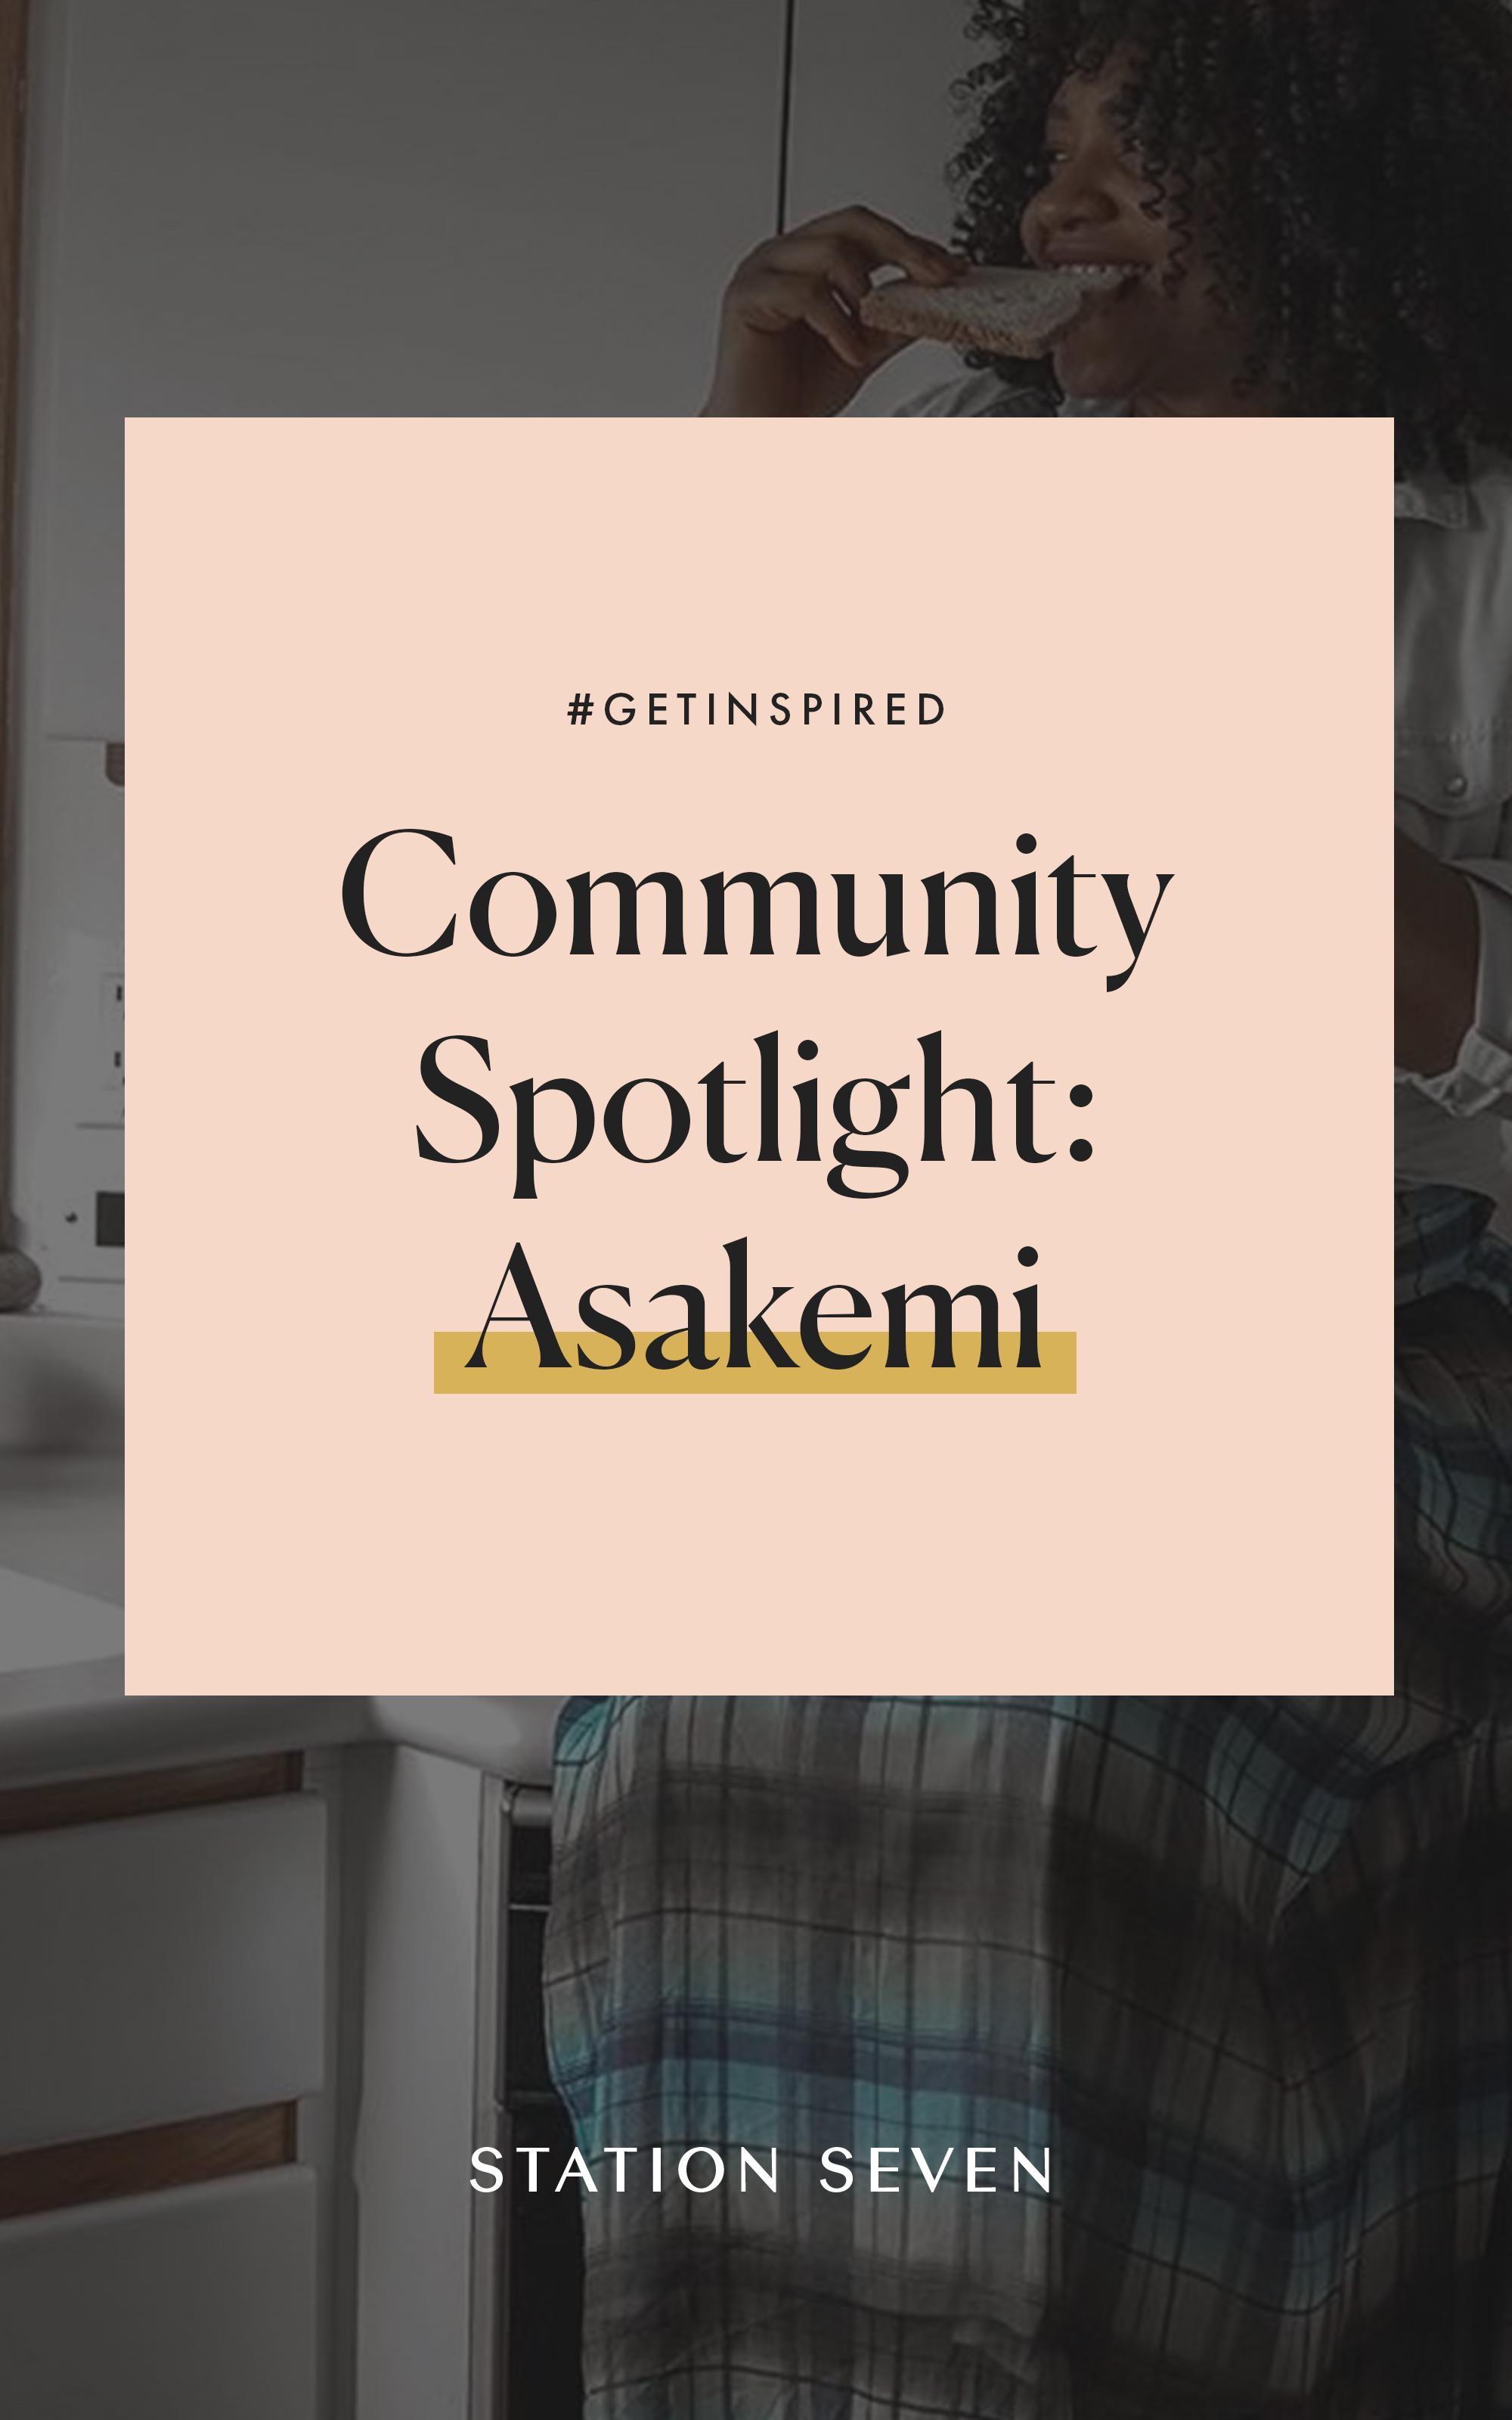 Asakemi Community Spotlight